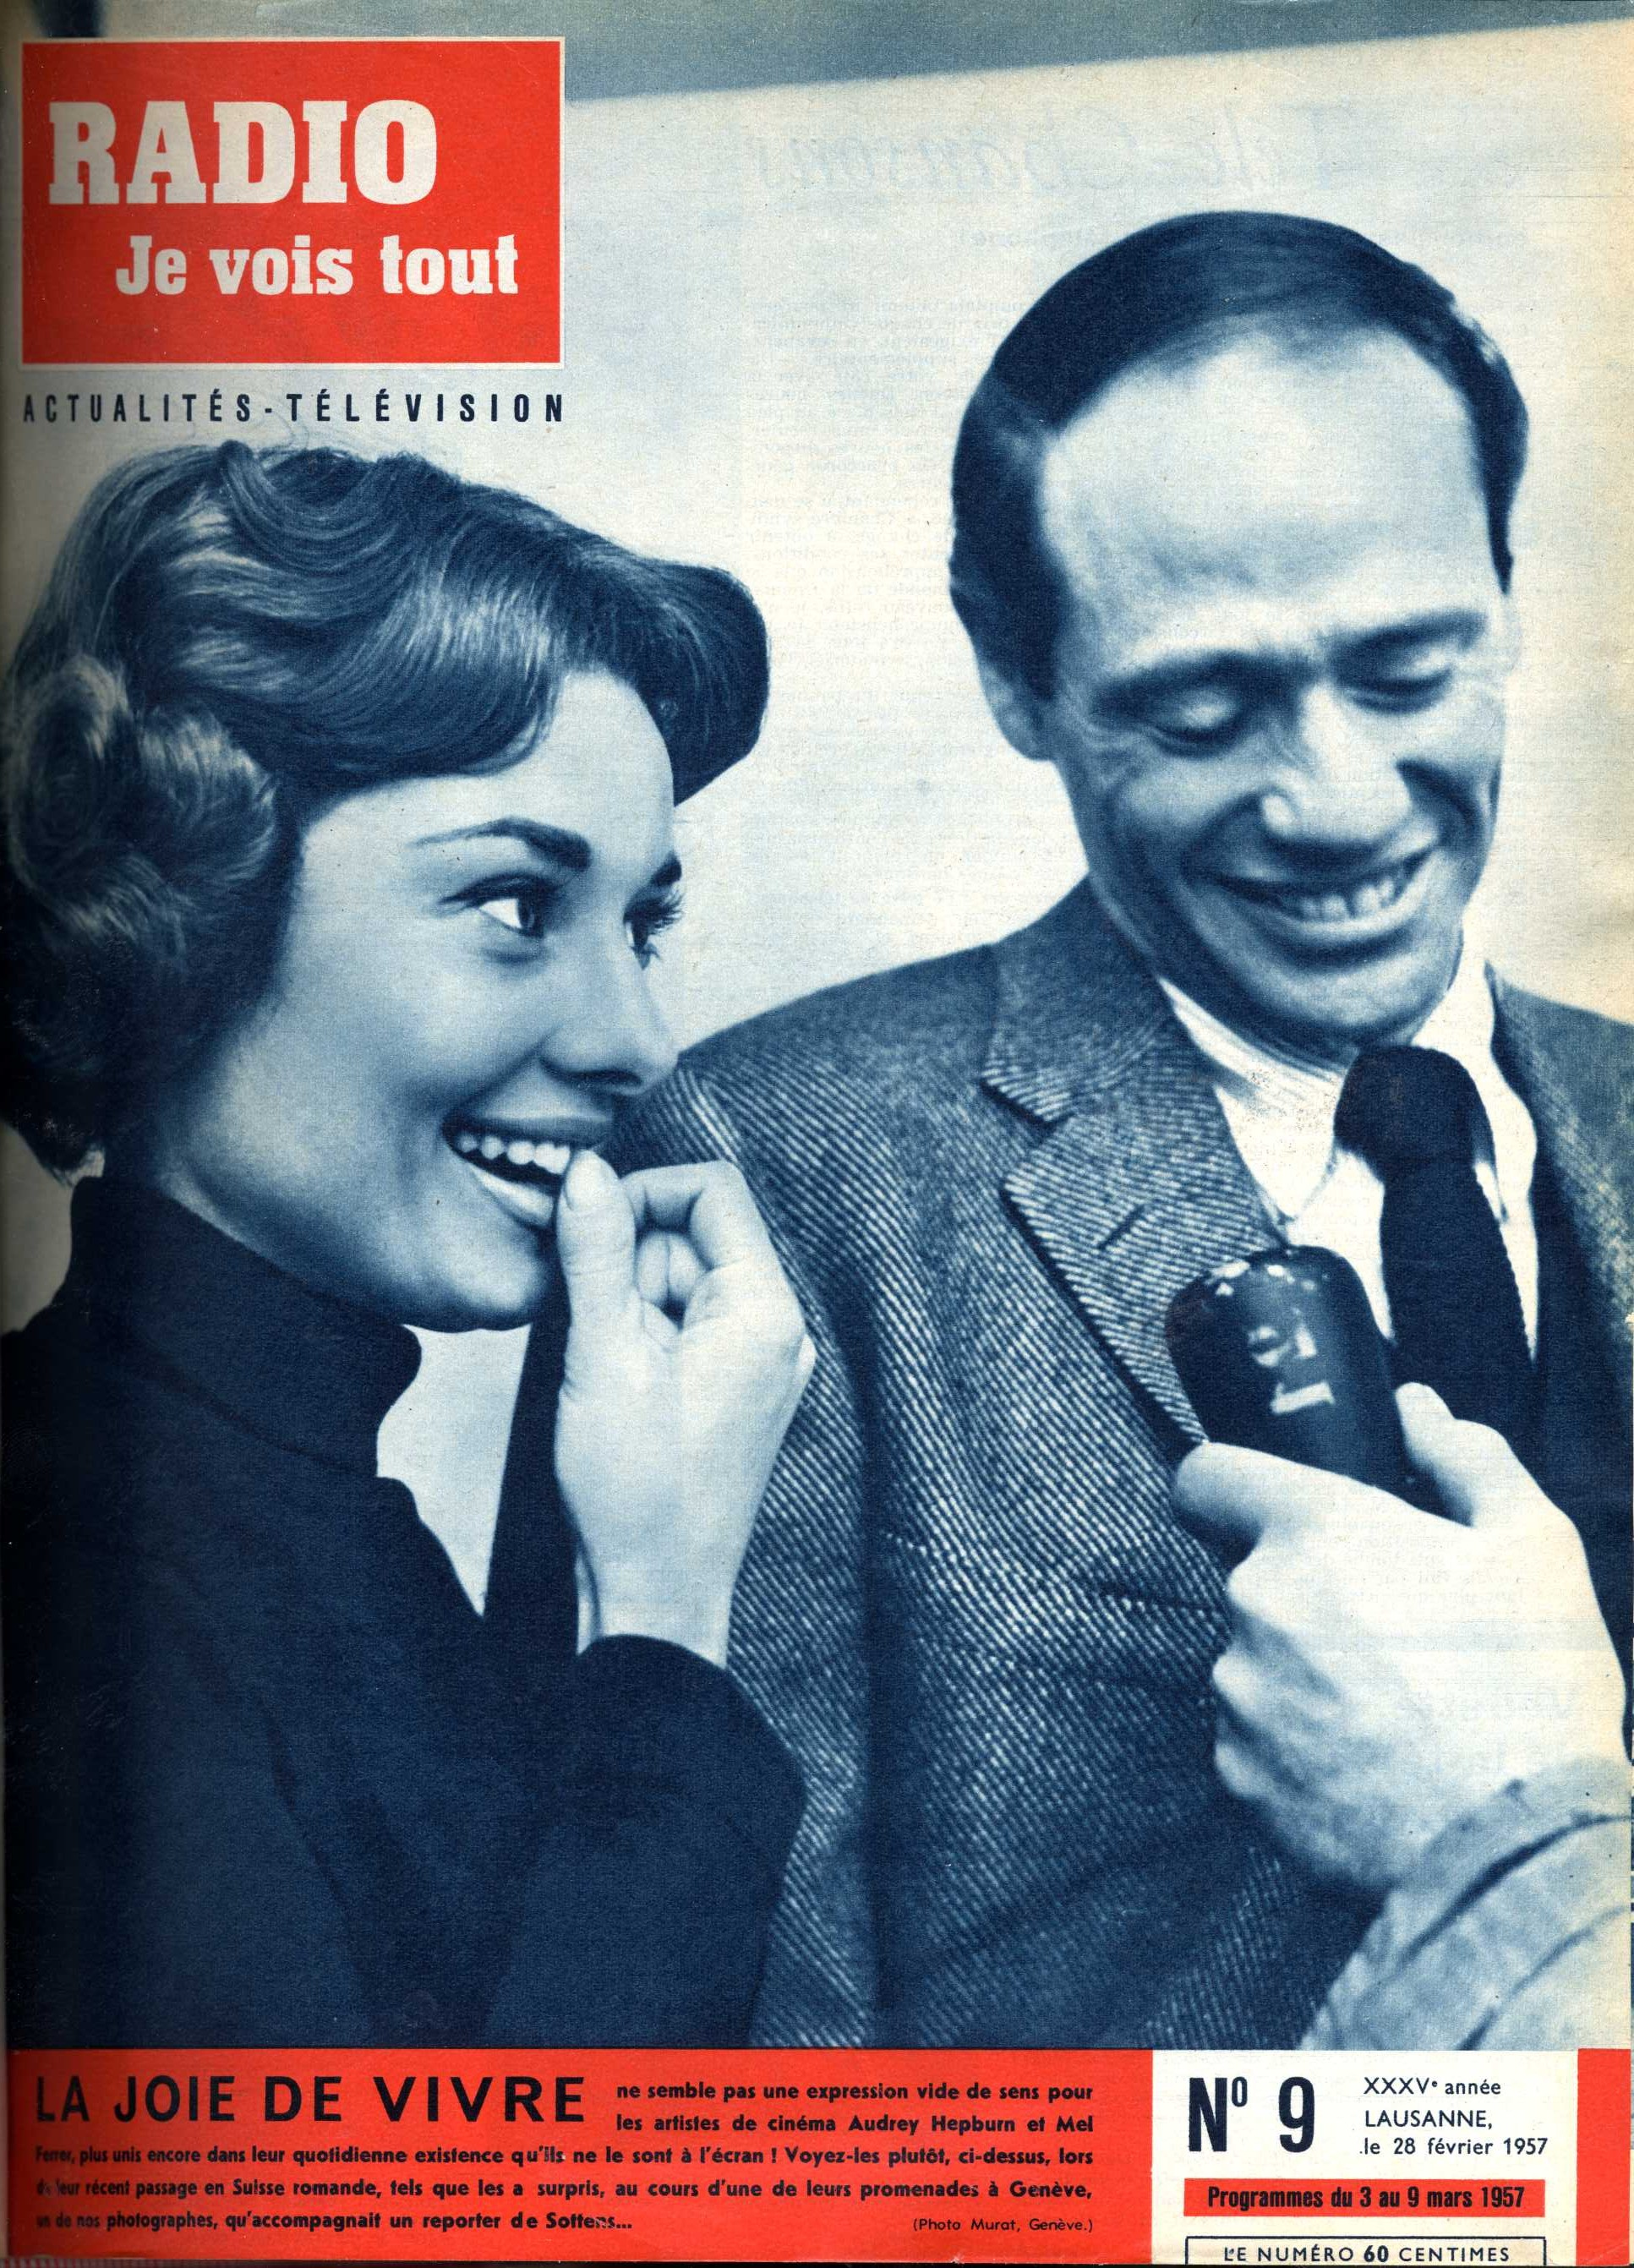 Audrey Hepburn et Mel Ferrer